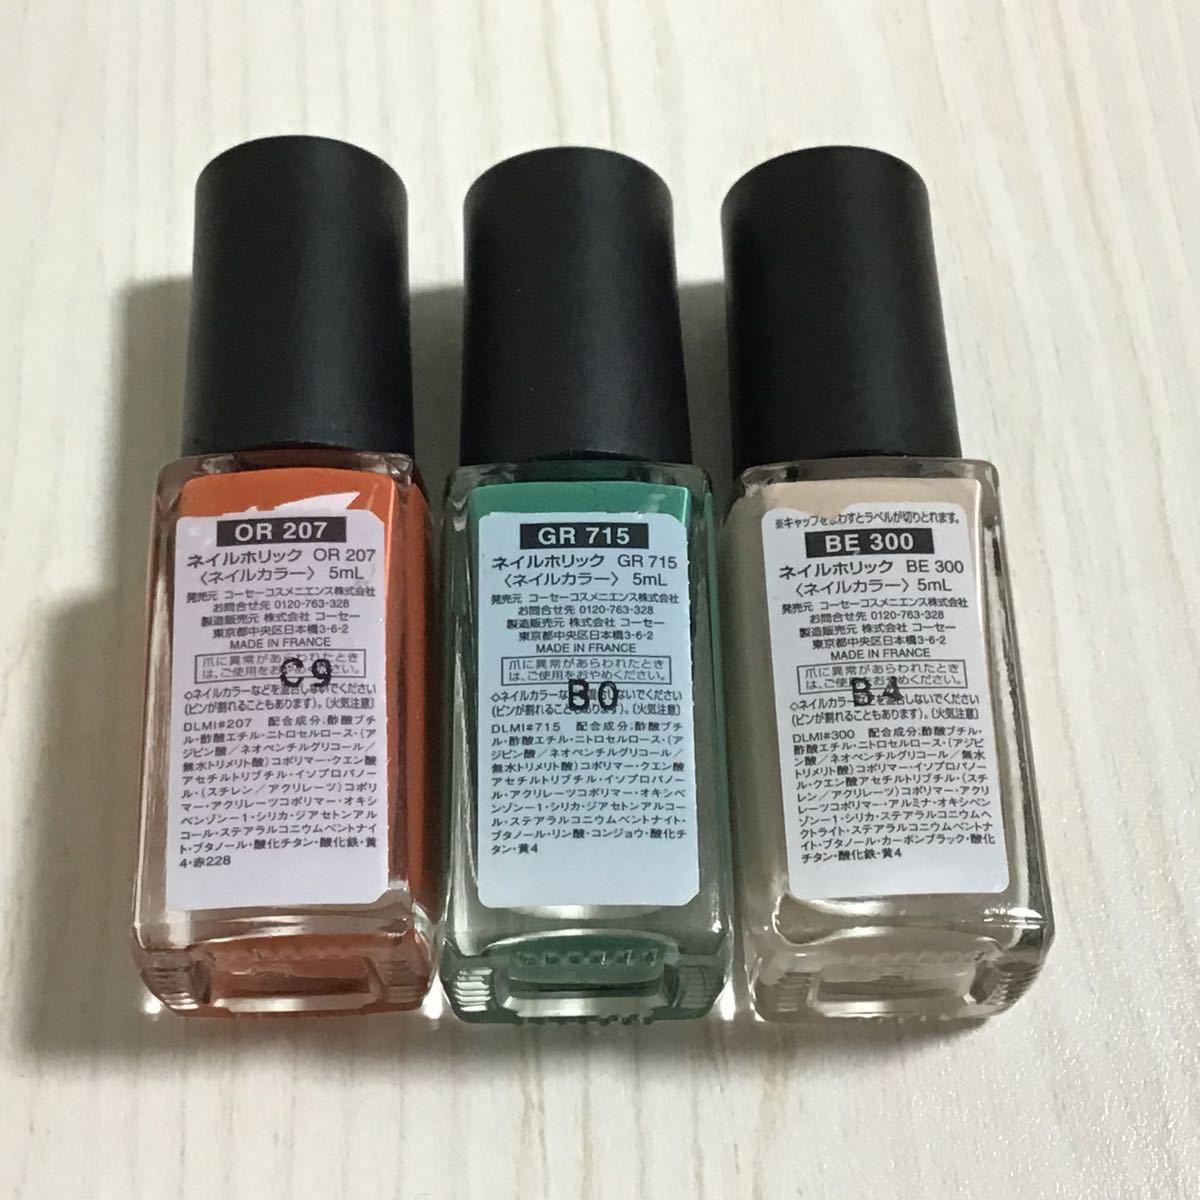 ネイルホリック まとめ売り オレンジ 緑 ベージュ ネイルカラー ポリッシュ マニキュア